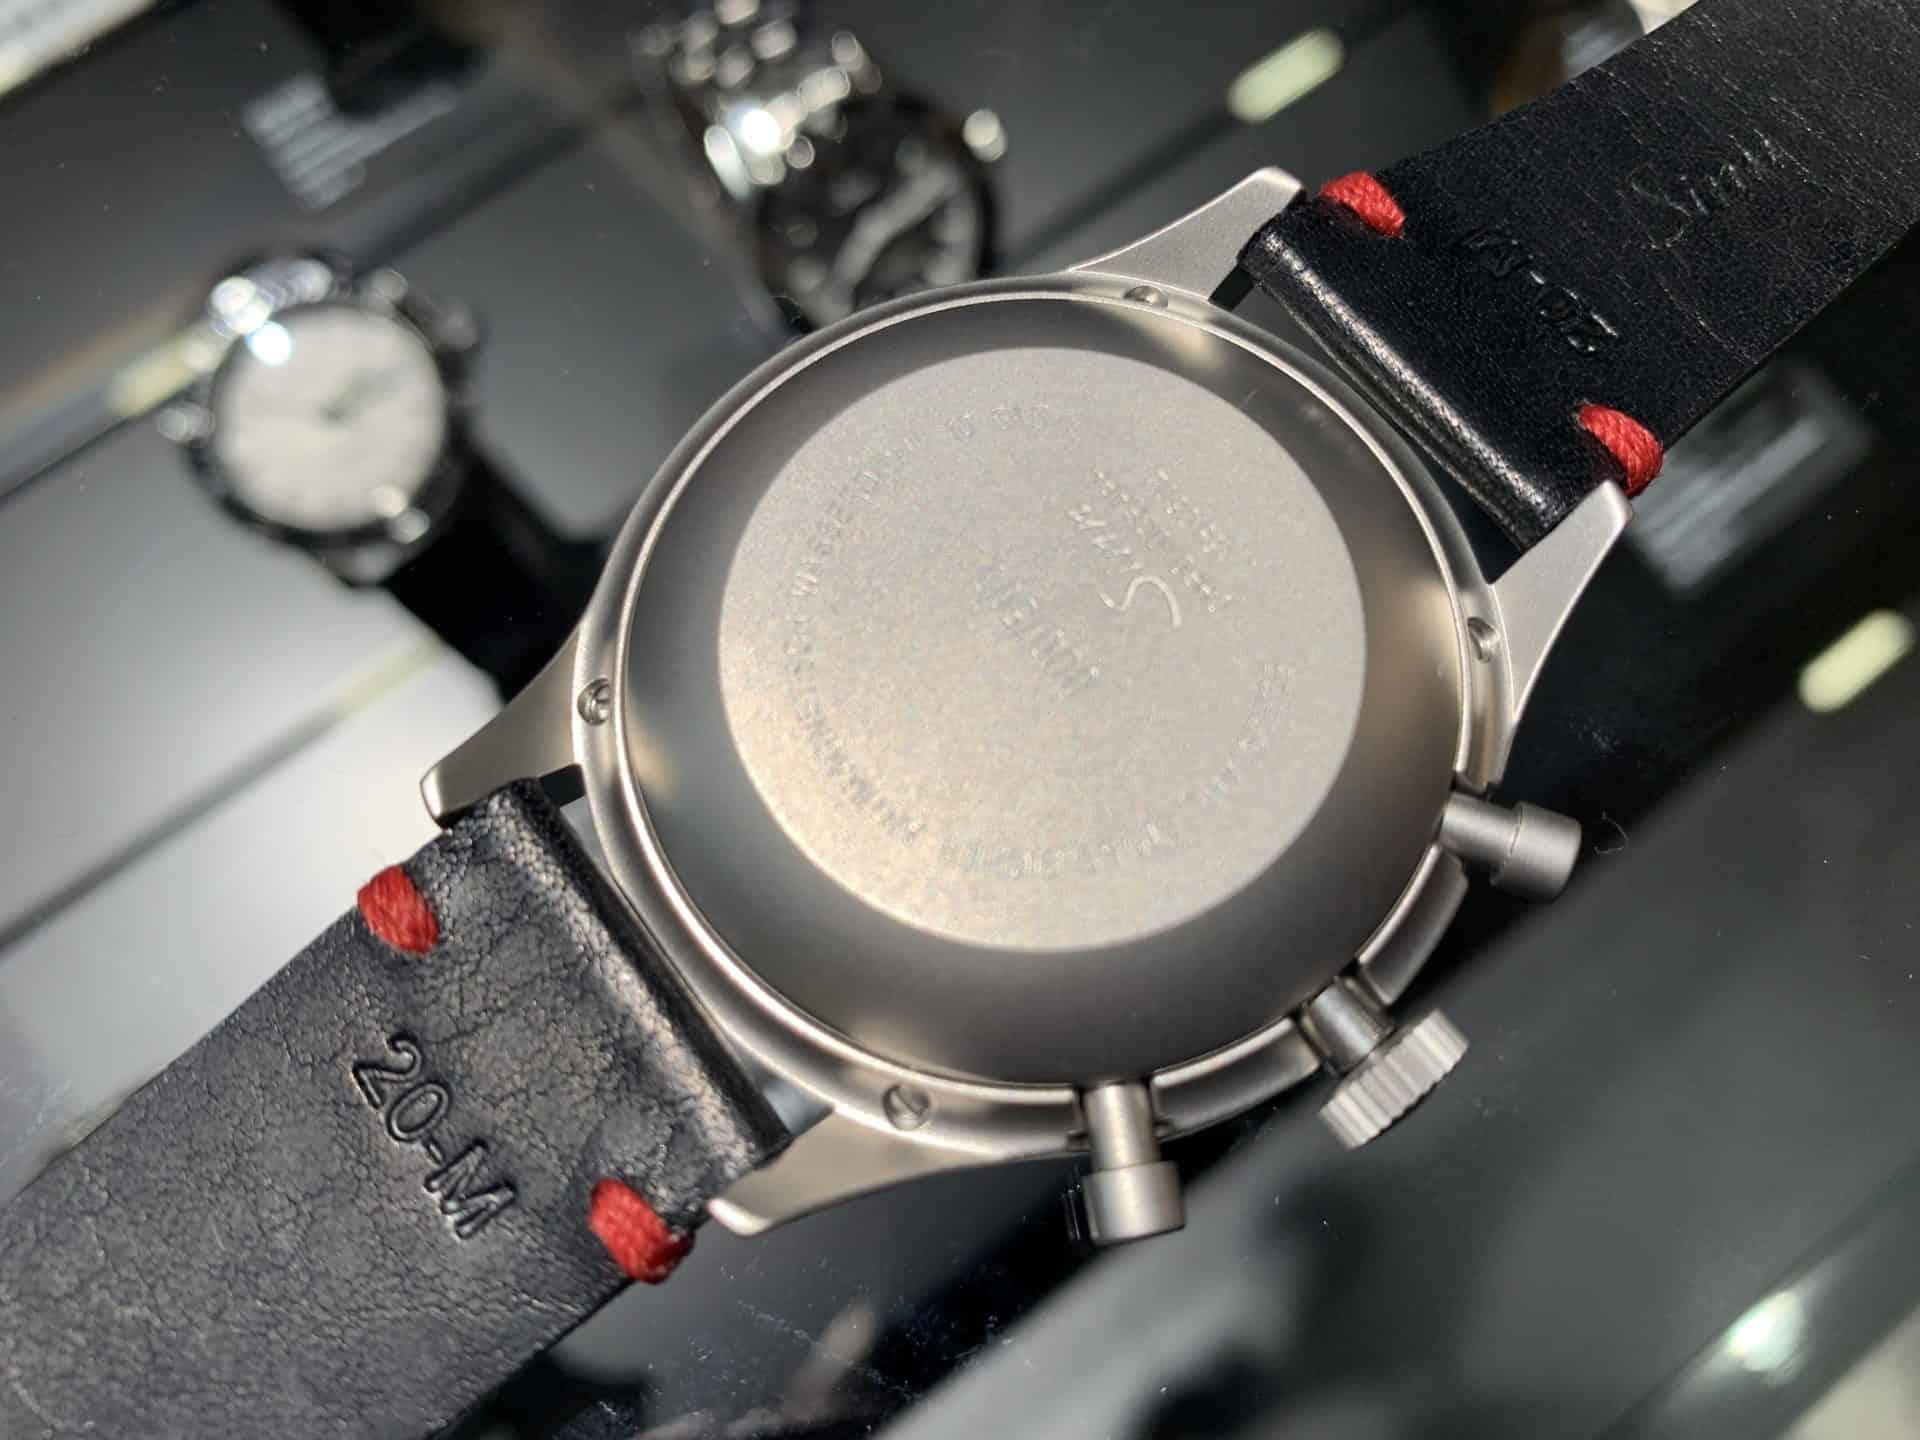 Ein schöner Rücken kann auch entzücken: Der Gehäuseboden des Sinn Spezialuhren Chronograph Modell 158